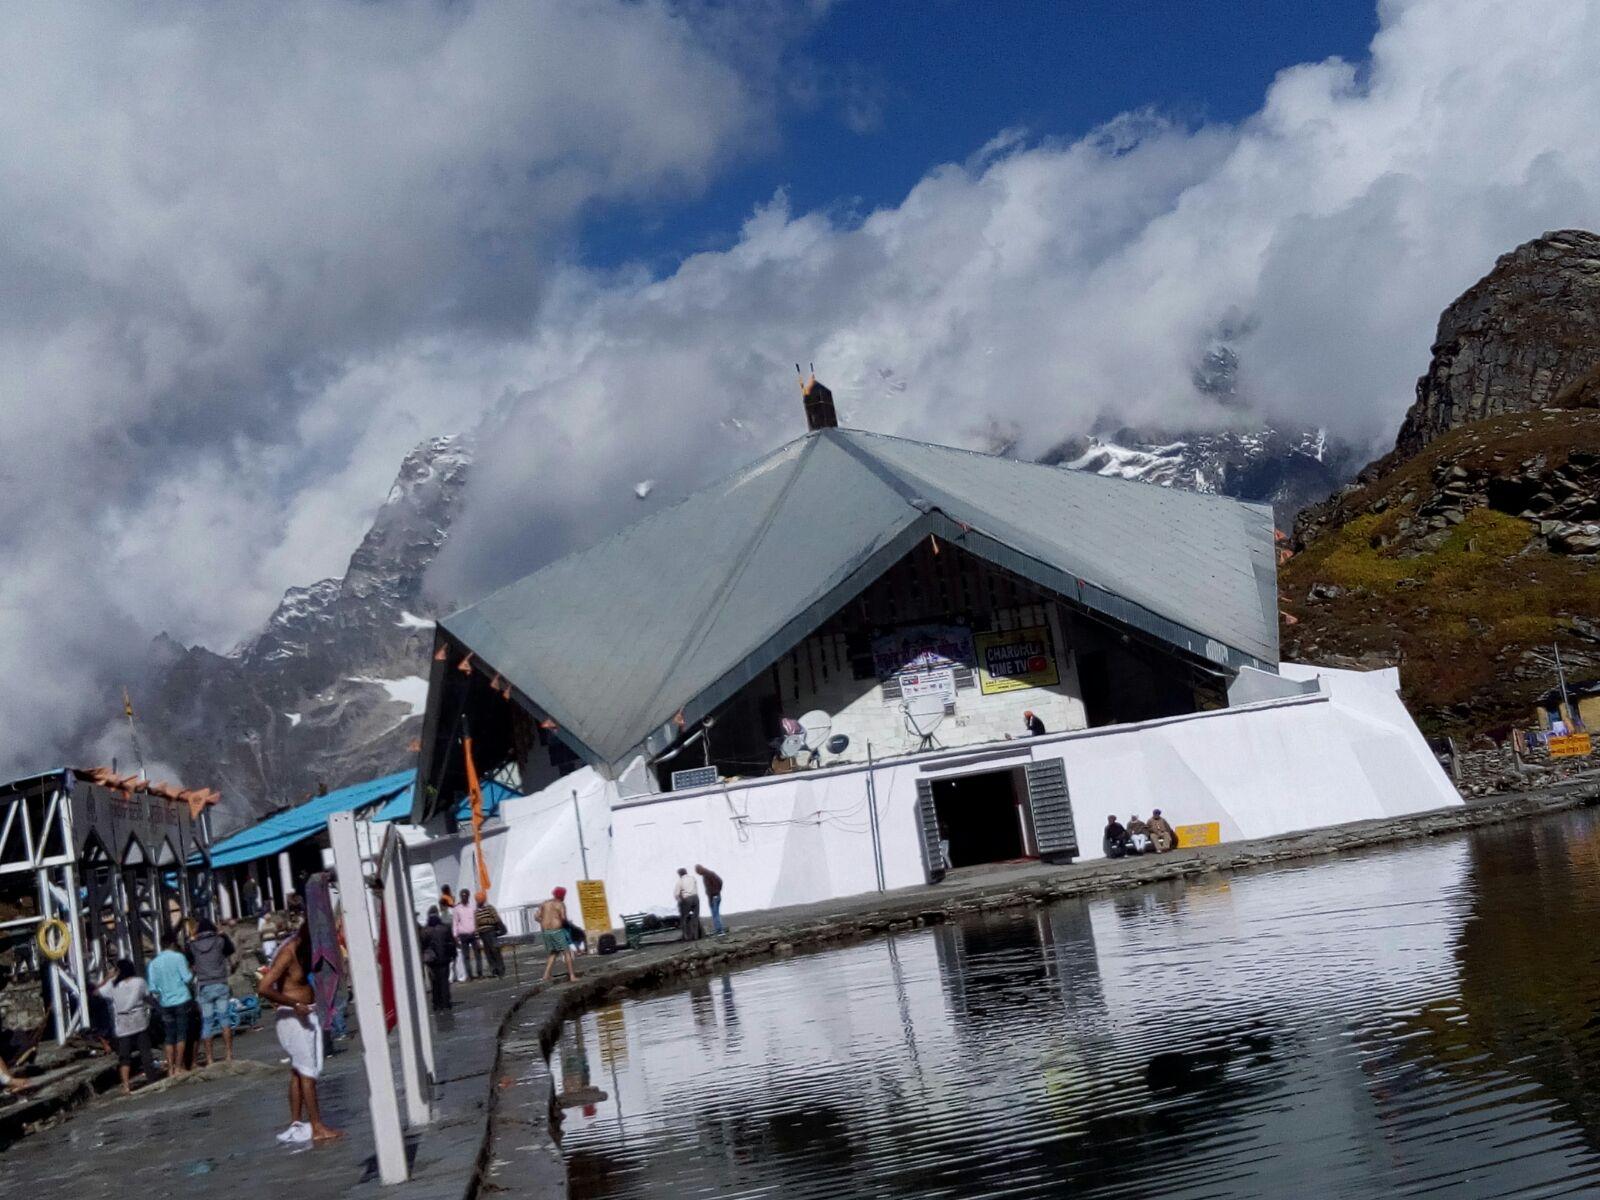 हेमकुंड साहिब गुरुद्वारा और लोकपाल लक्ष्मण मंदिर के कपाट खुले